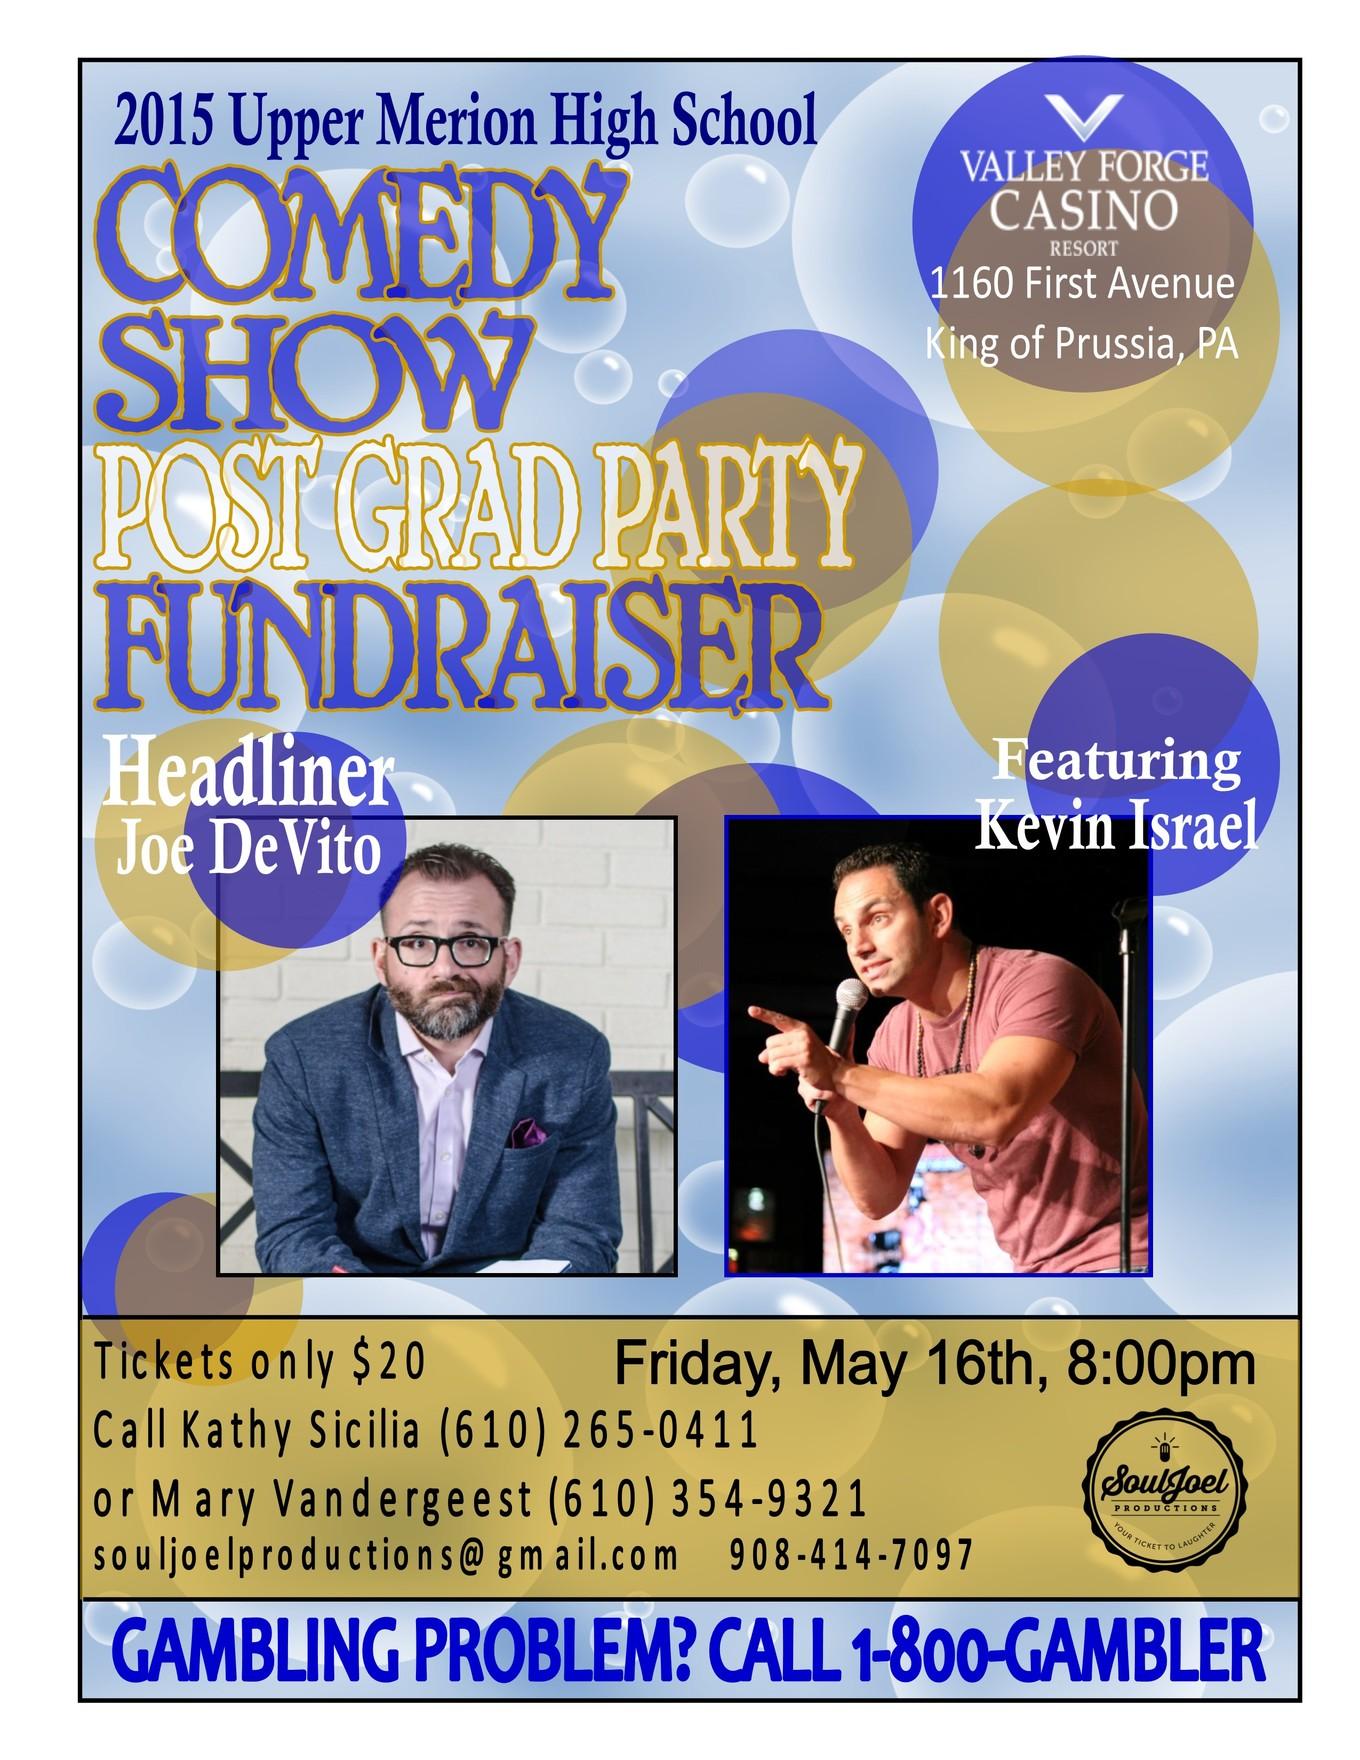 VF Casino: Upper Merion Post Grad Party Fundraiser - Tickets